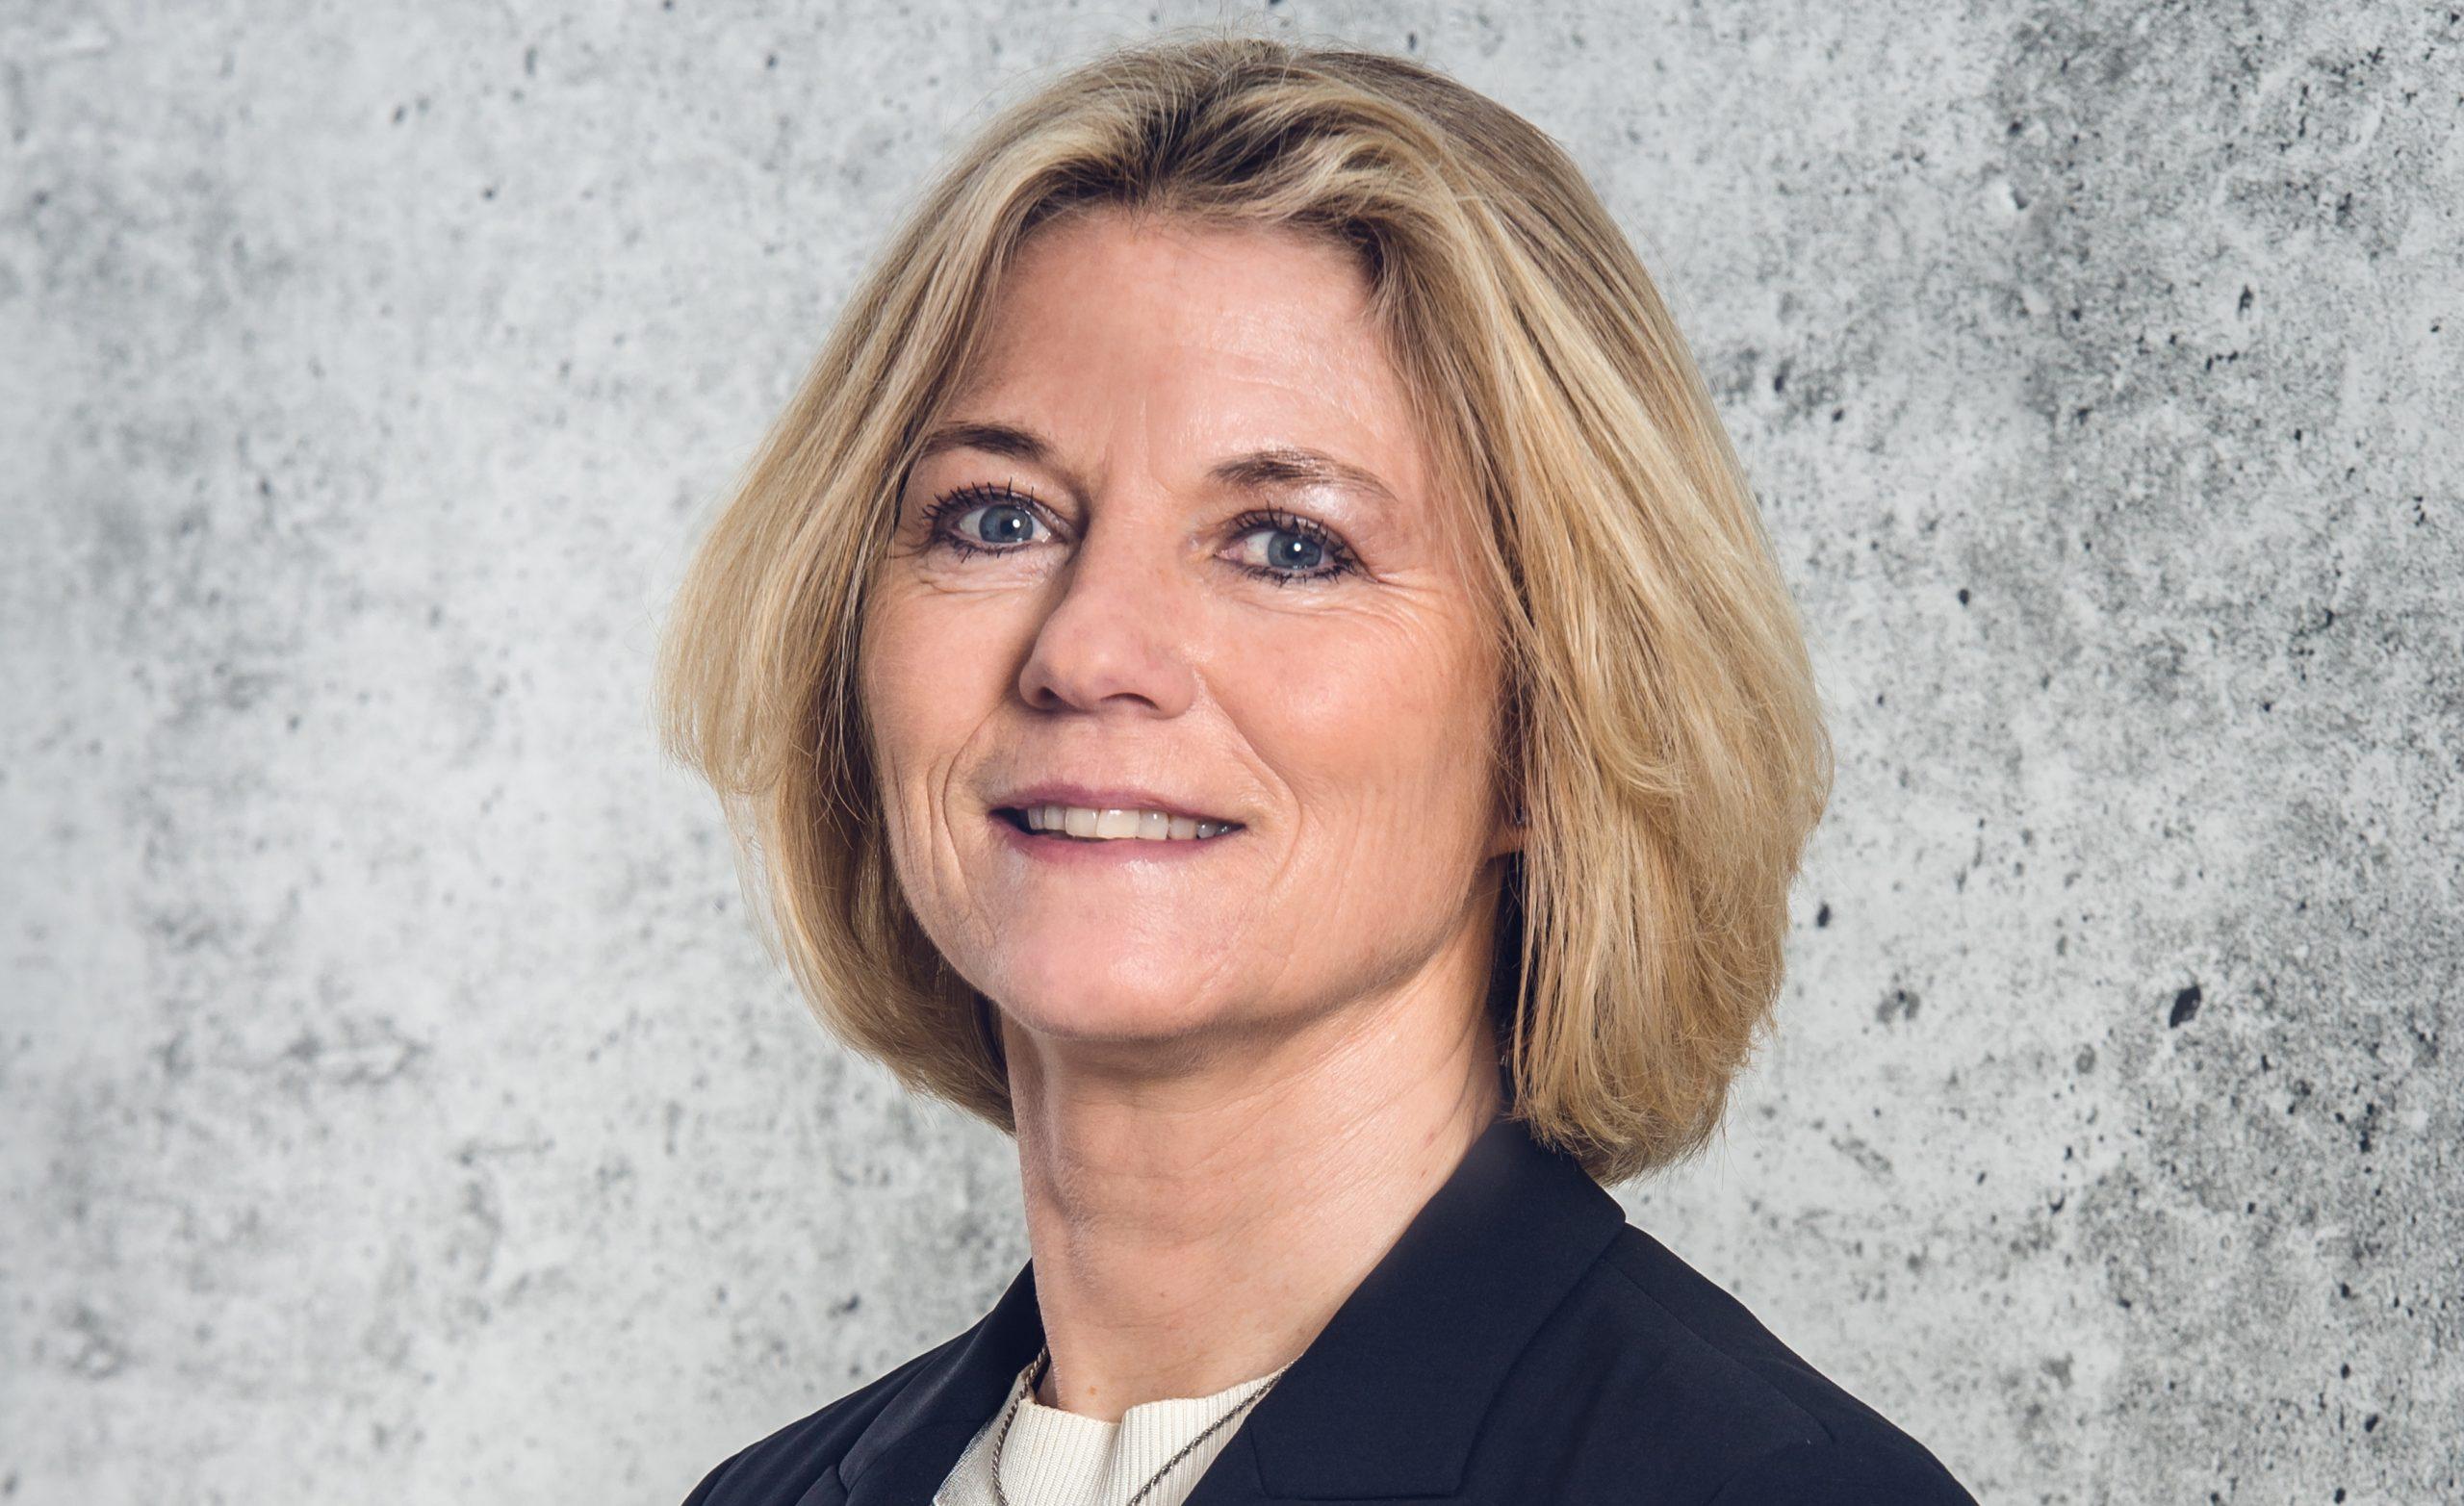 Susanne Kruse Sørensen, lufthavnschef i Esbjerg Lufthavn fra 1. august 2020. (Foto: Esbjerg Kommune)